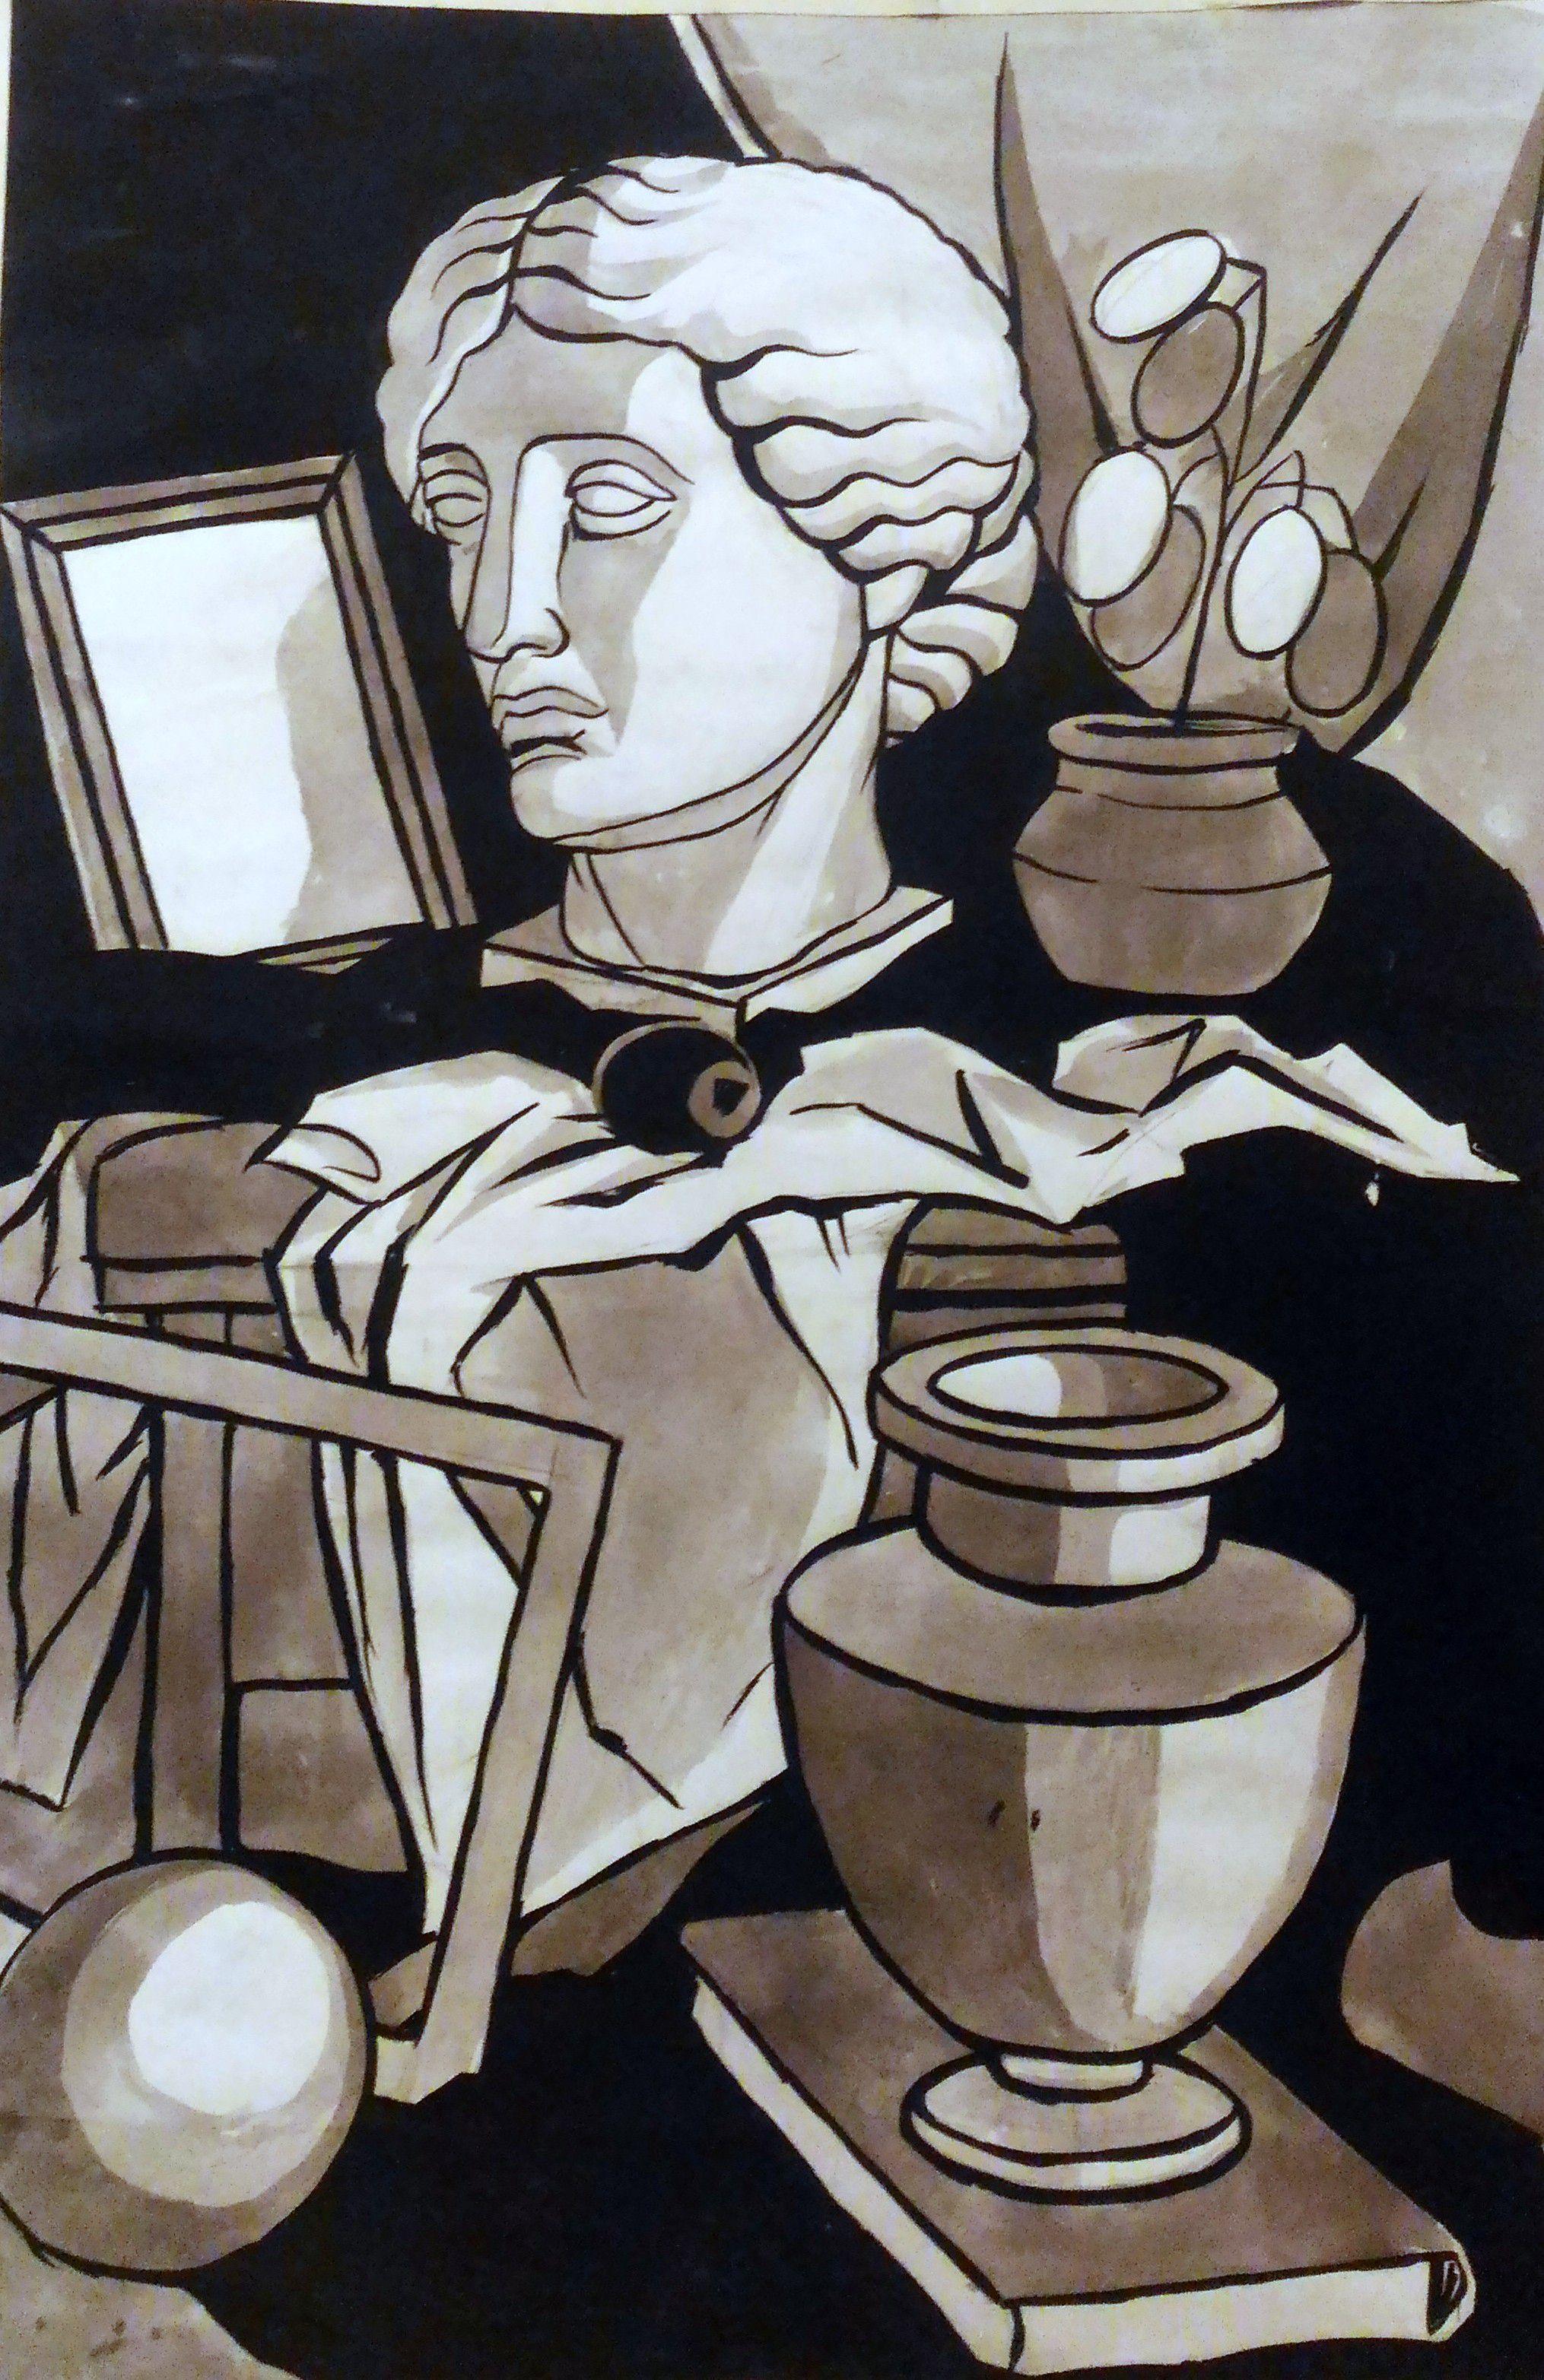 модели ватман венера богиня гипсовые античность тушь вазы драпировки живопись картины натюрморт